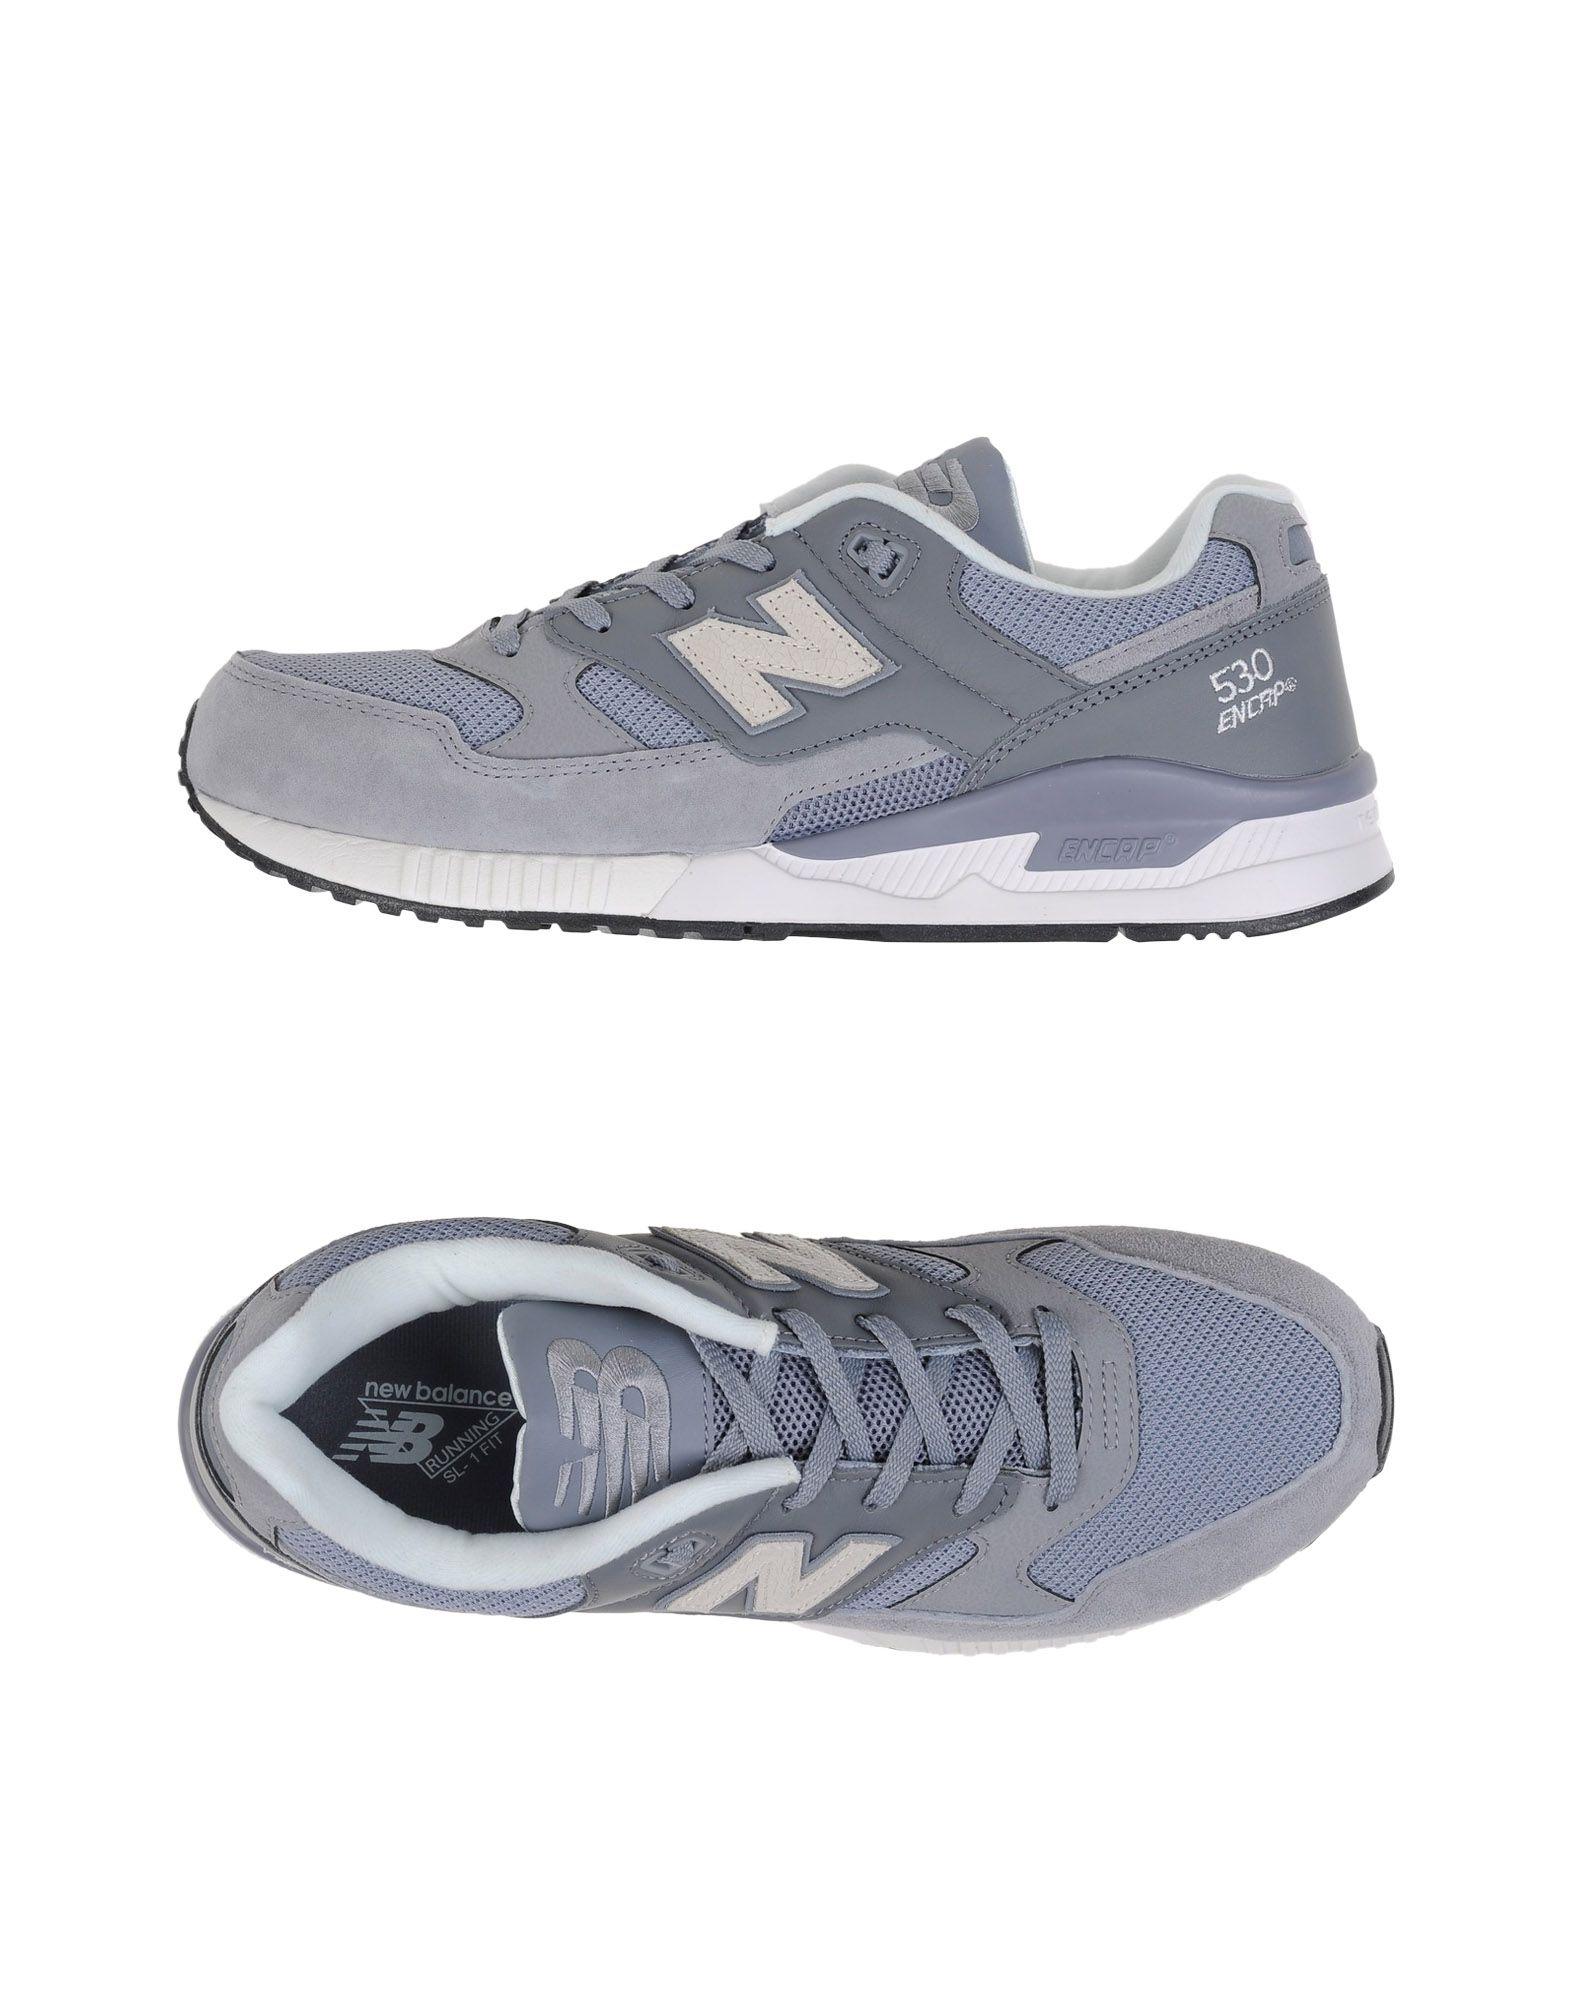 Sneakers New Balance 530 - Oxidized - Uomo - 530 11105802OD 875d98